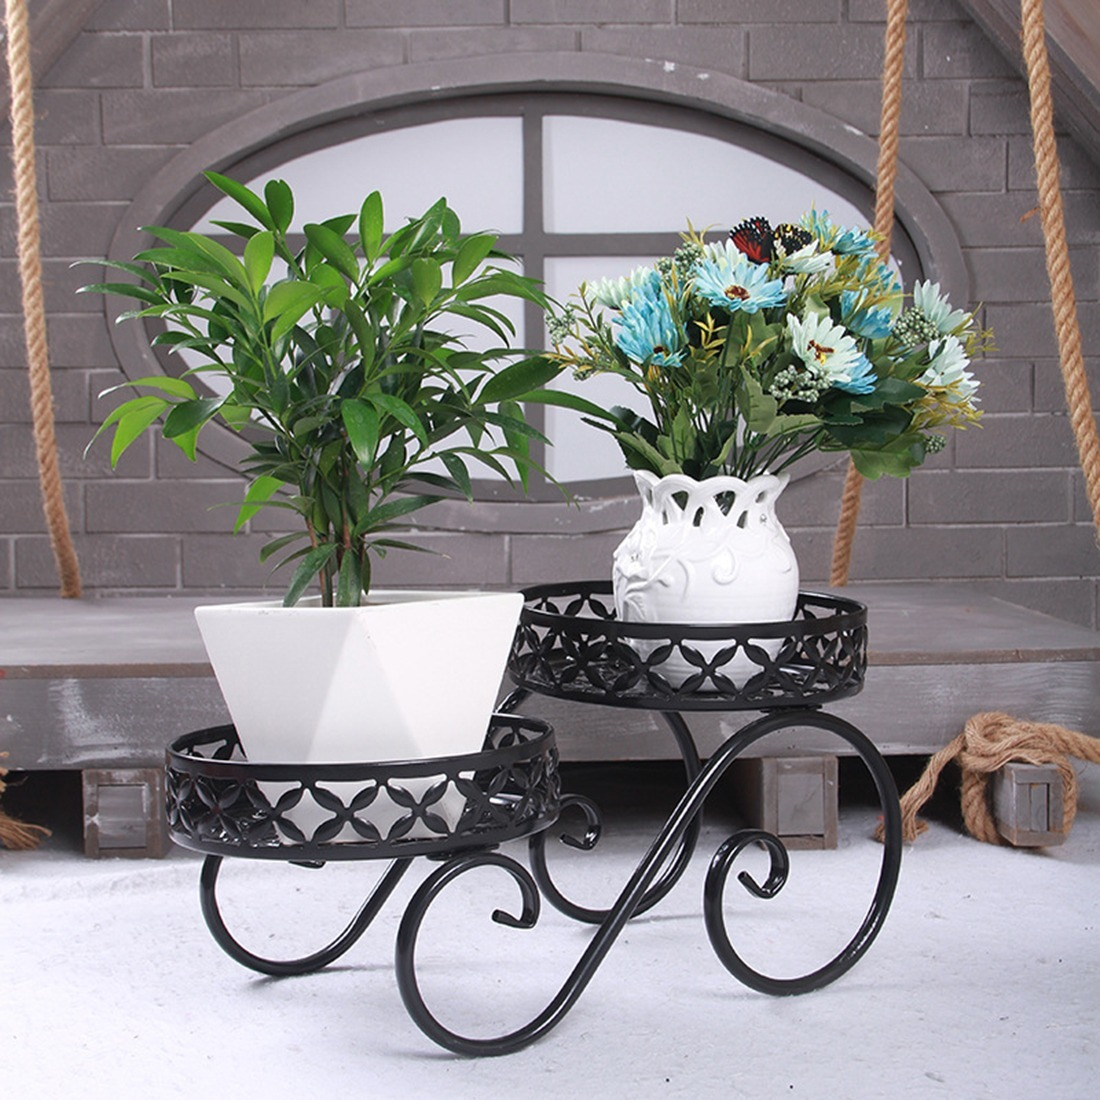 ◆最安にします◆ 掘り出し物 フラワーポットスタンド 植木鉢 観葉植物 多肉植物 庭のDIY AT10283_画像1